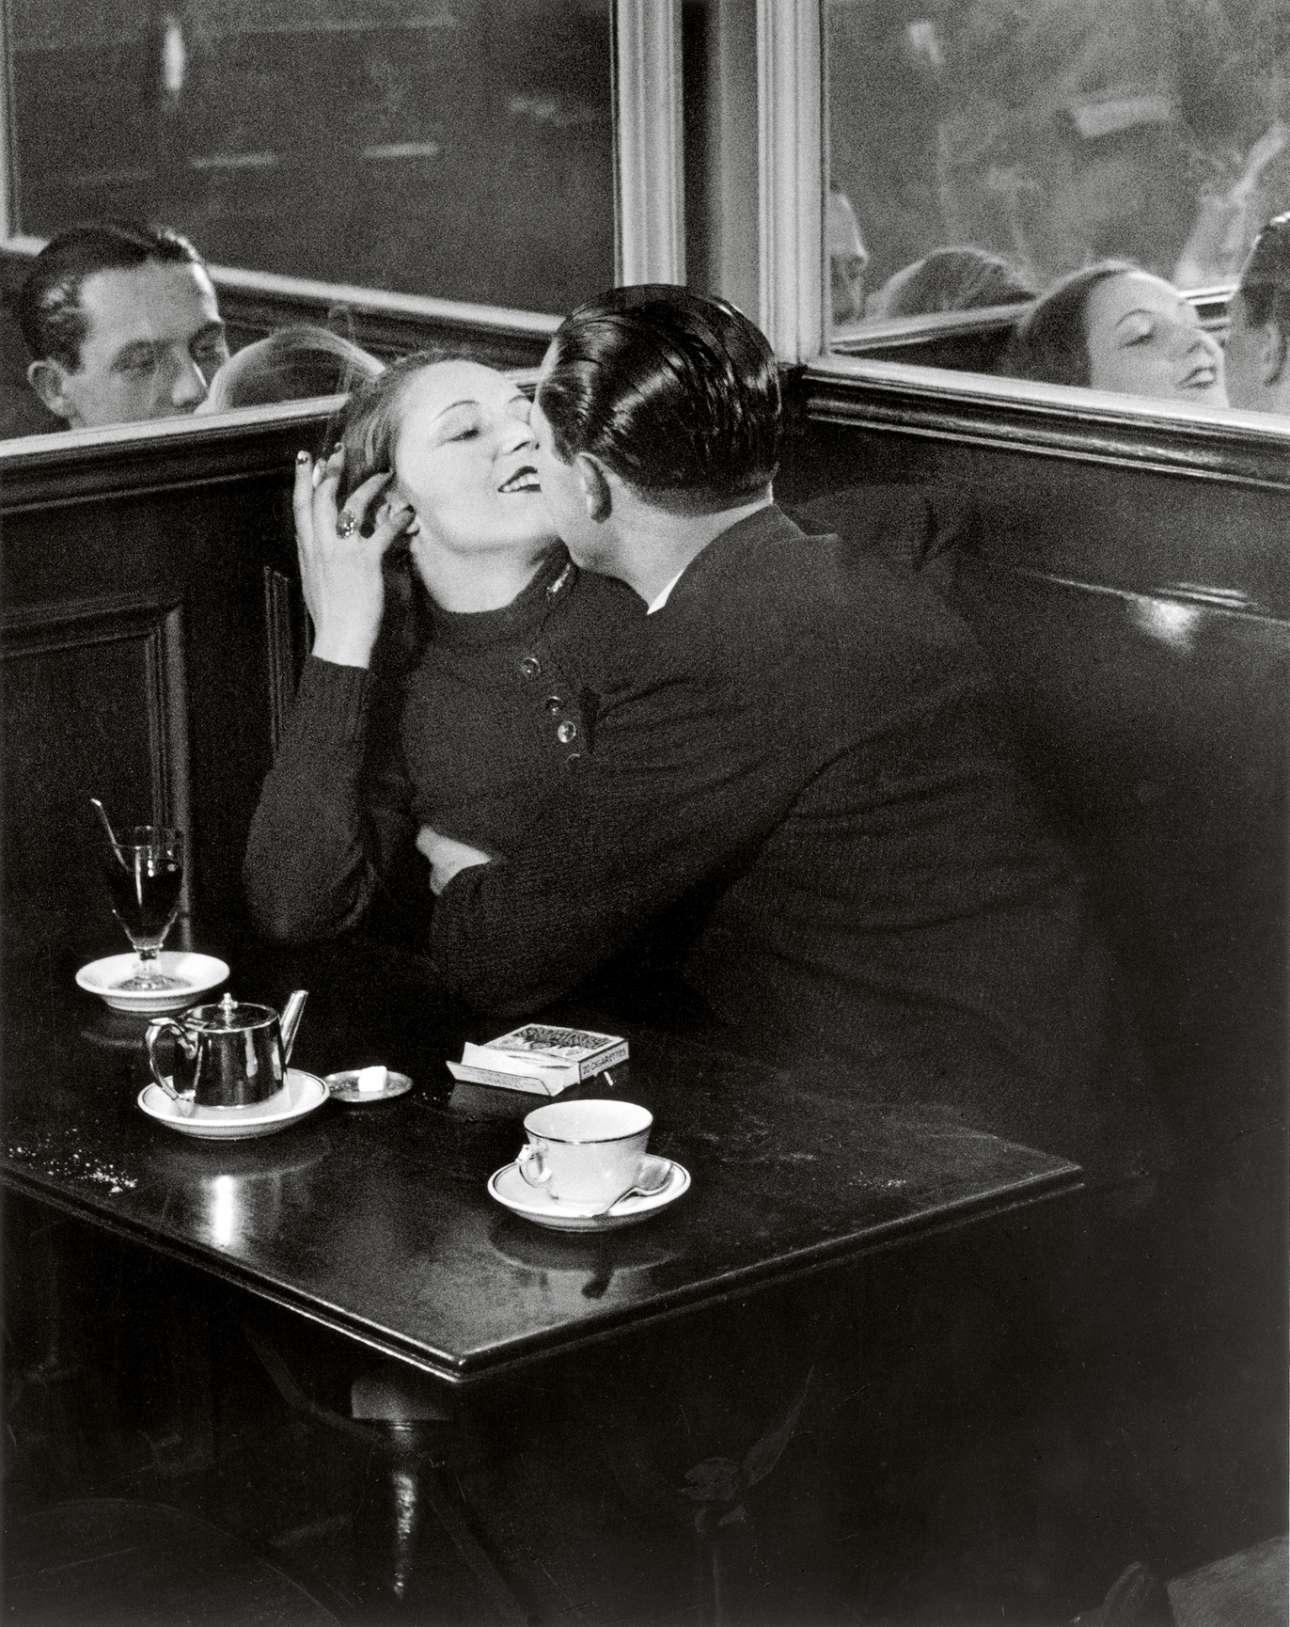 Ερωτευμένο ζευγάρι σε ένα από τα αμέτρητα καφέ της Πόλης του Φωτός, το 1932